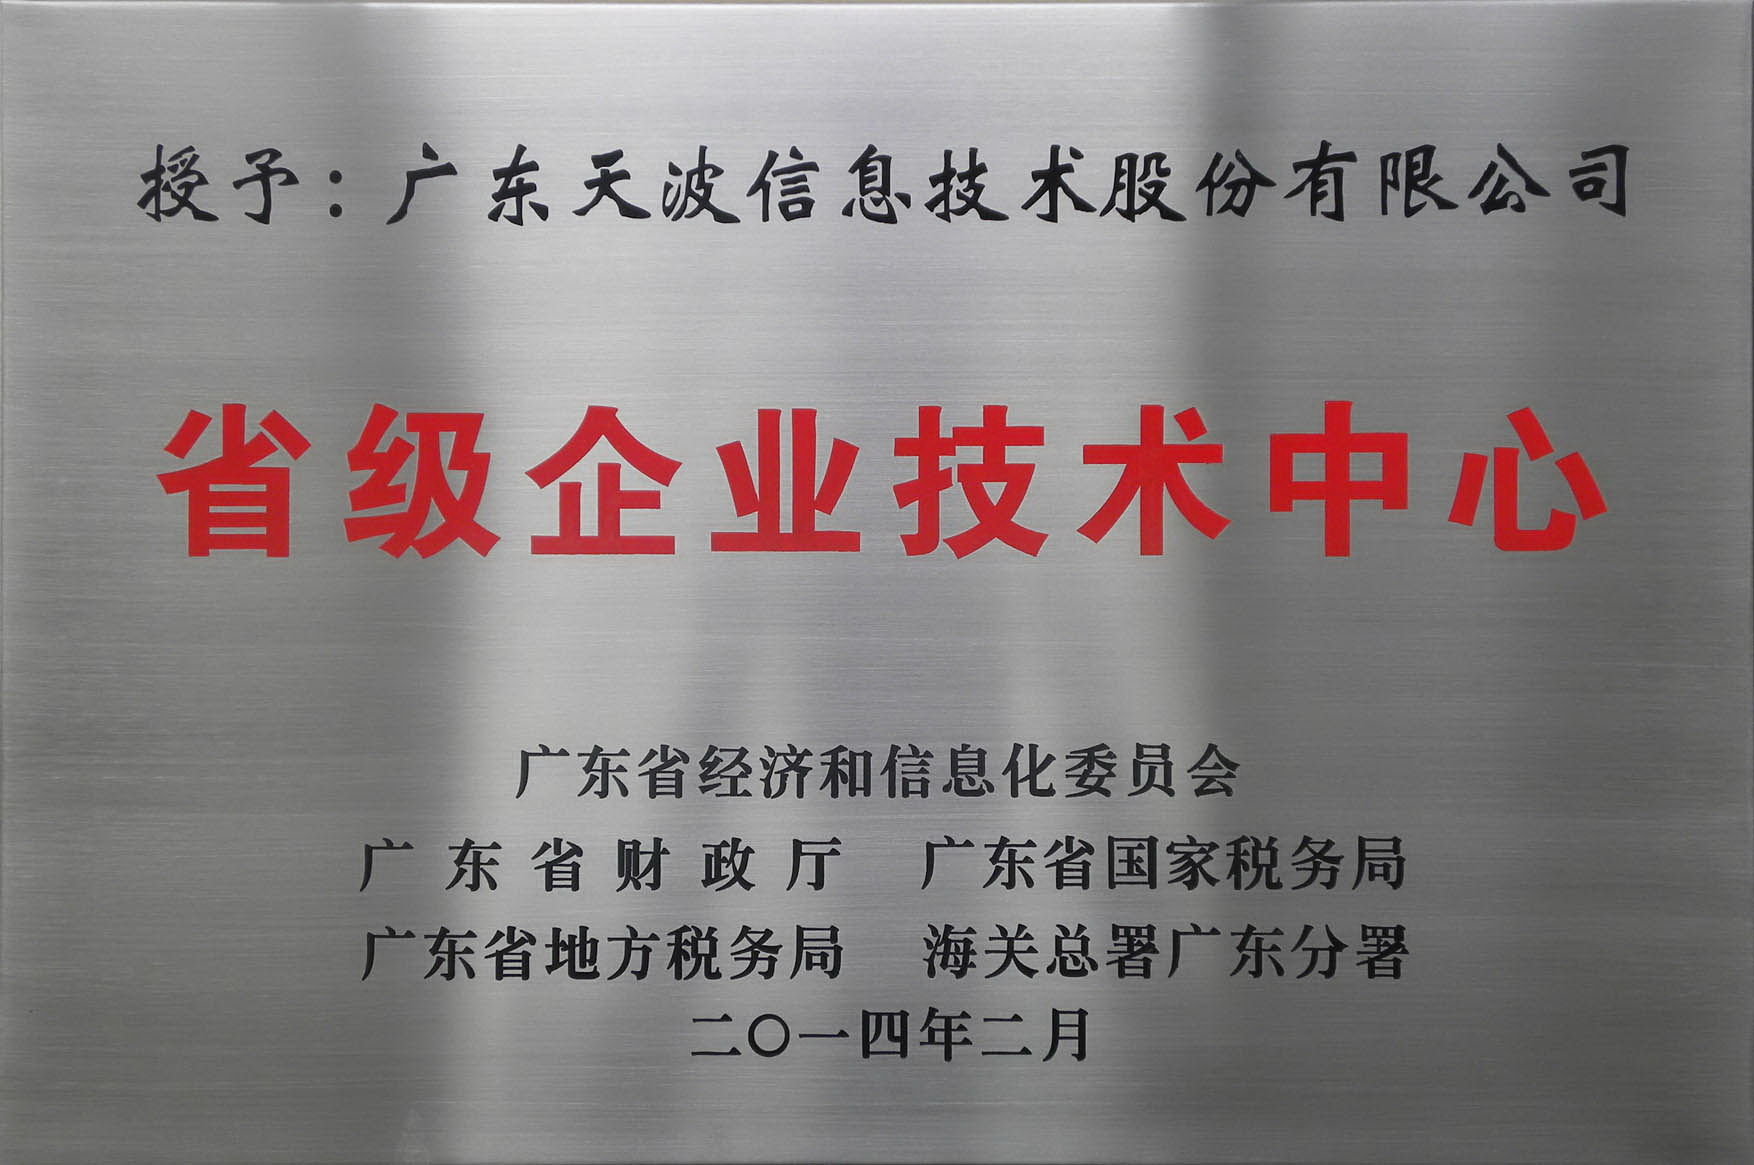 广东省级企业技术中心